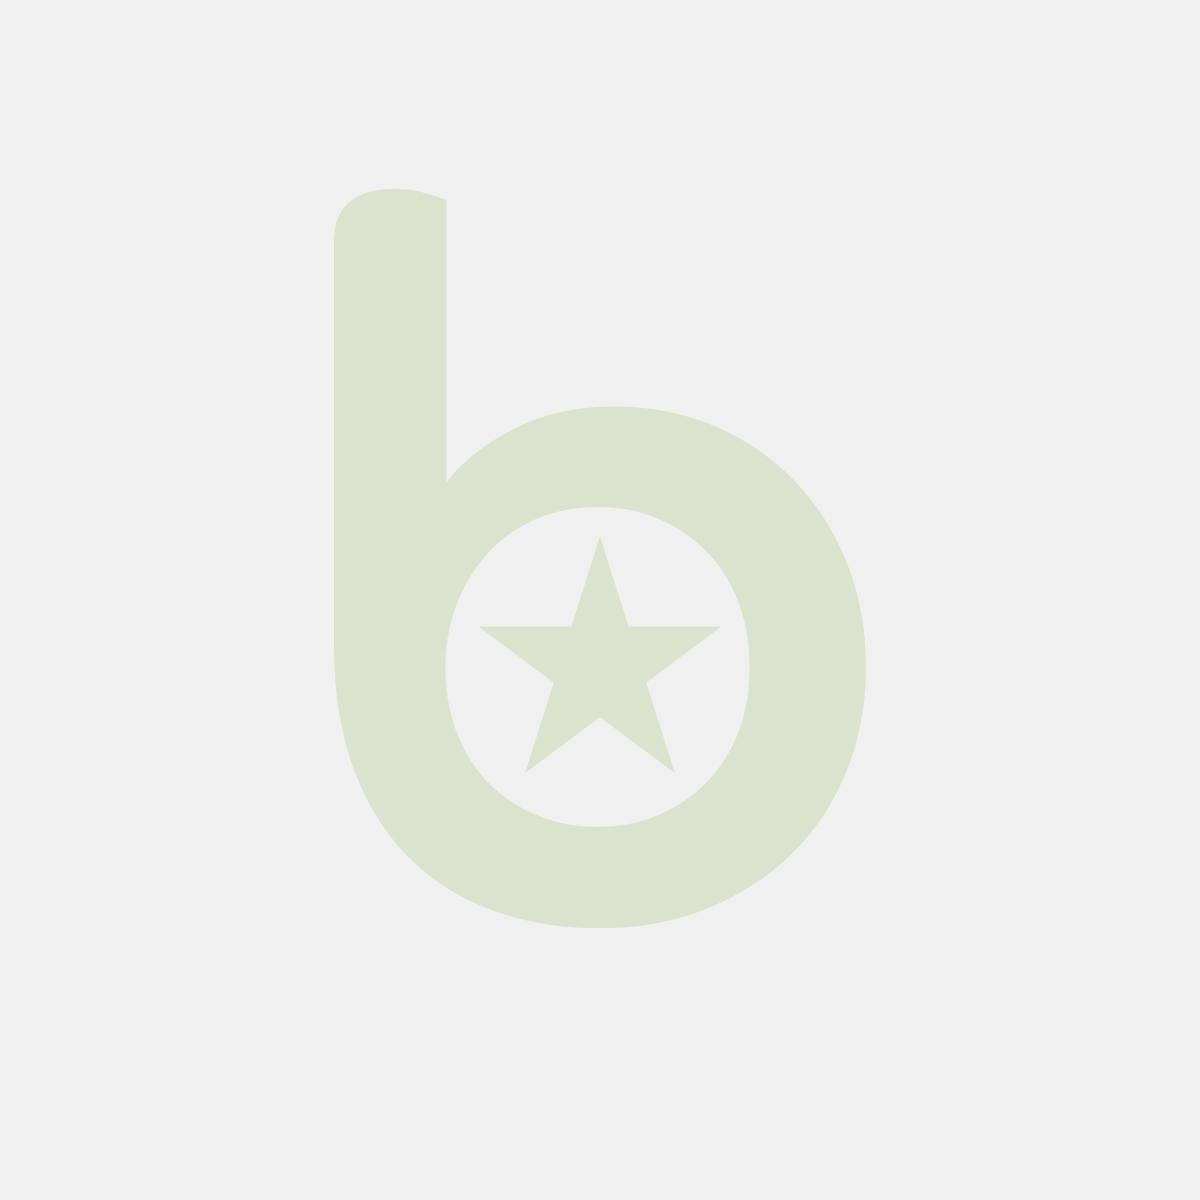 Pojemnik GN 2/3 z chowanymi uchwytami